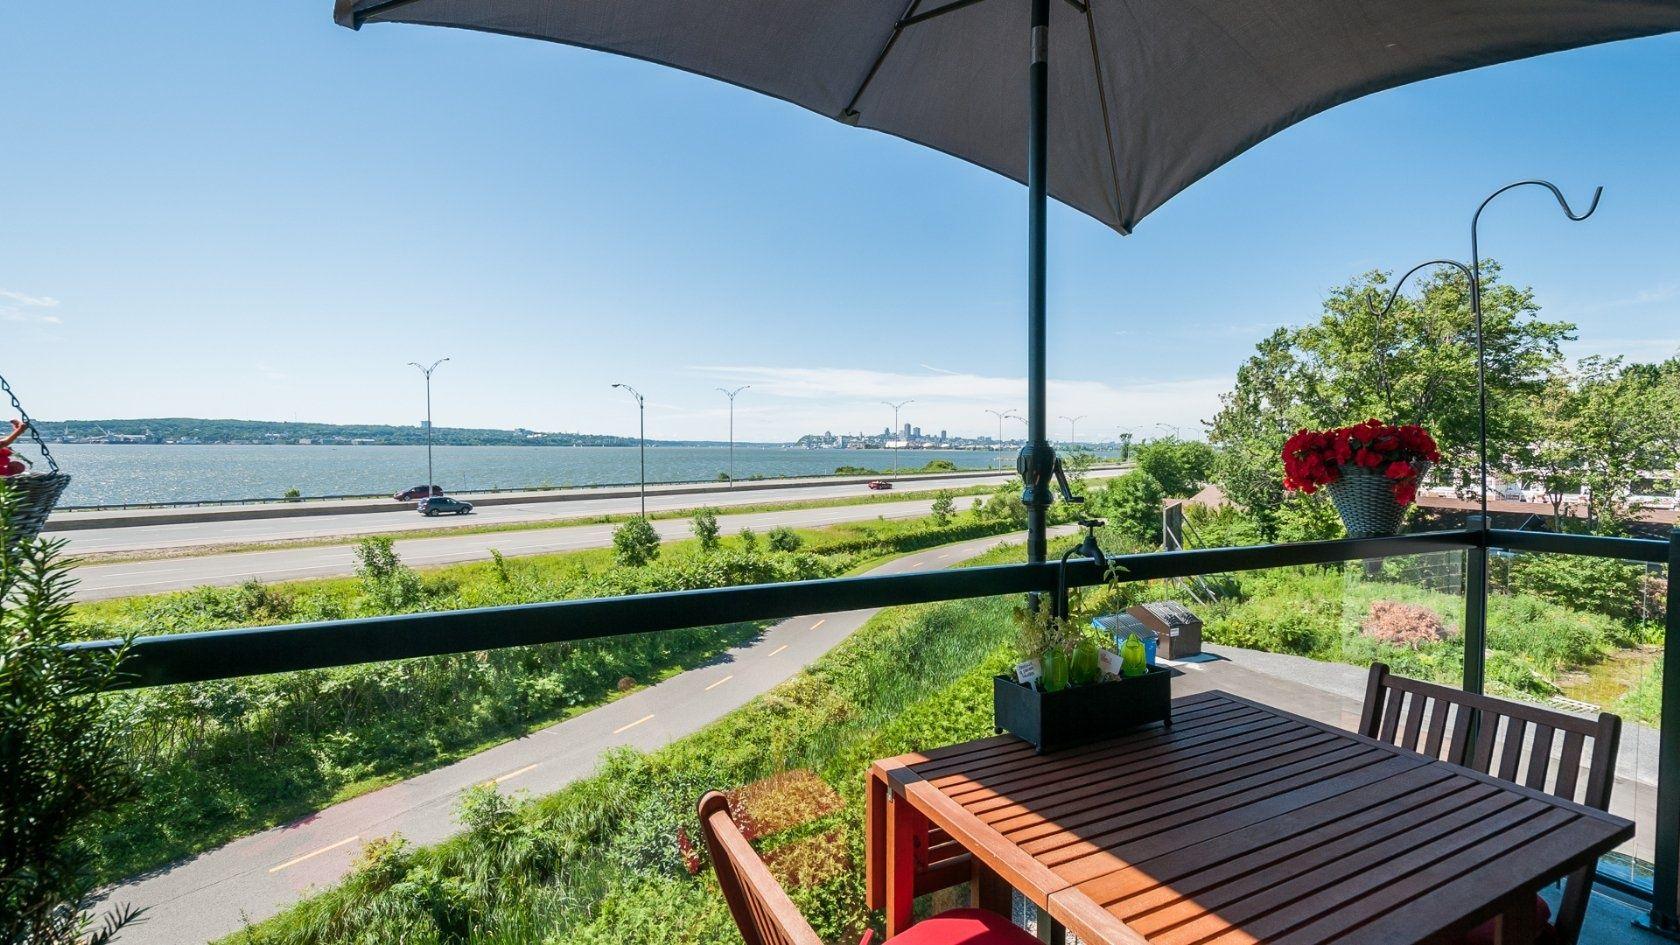 Appartement/Condo à vendre 3852 Boul. Ste-Anne app.306 Beauport (Vieux-Bourg), Québec